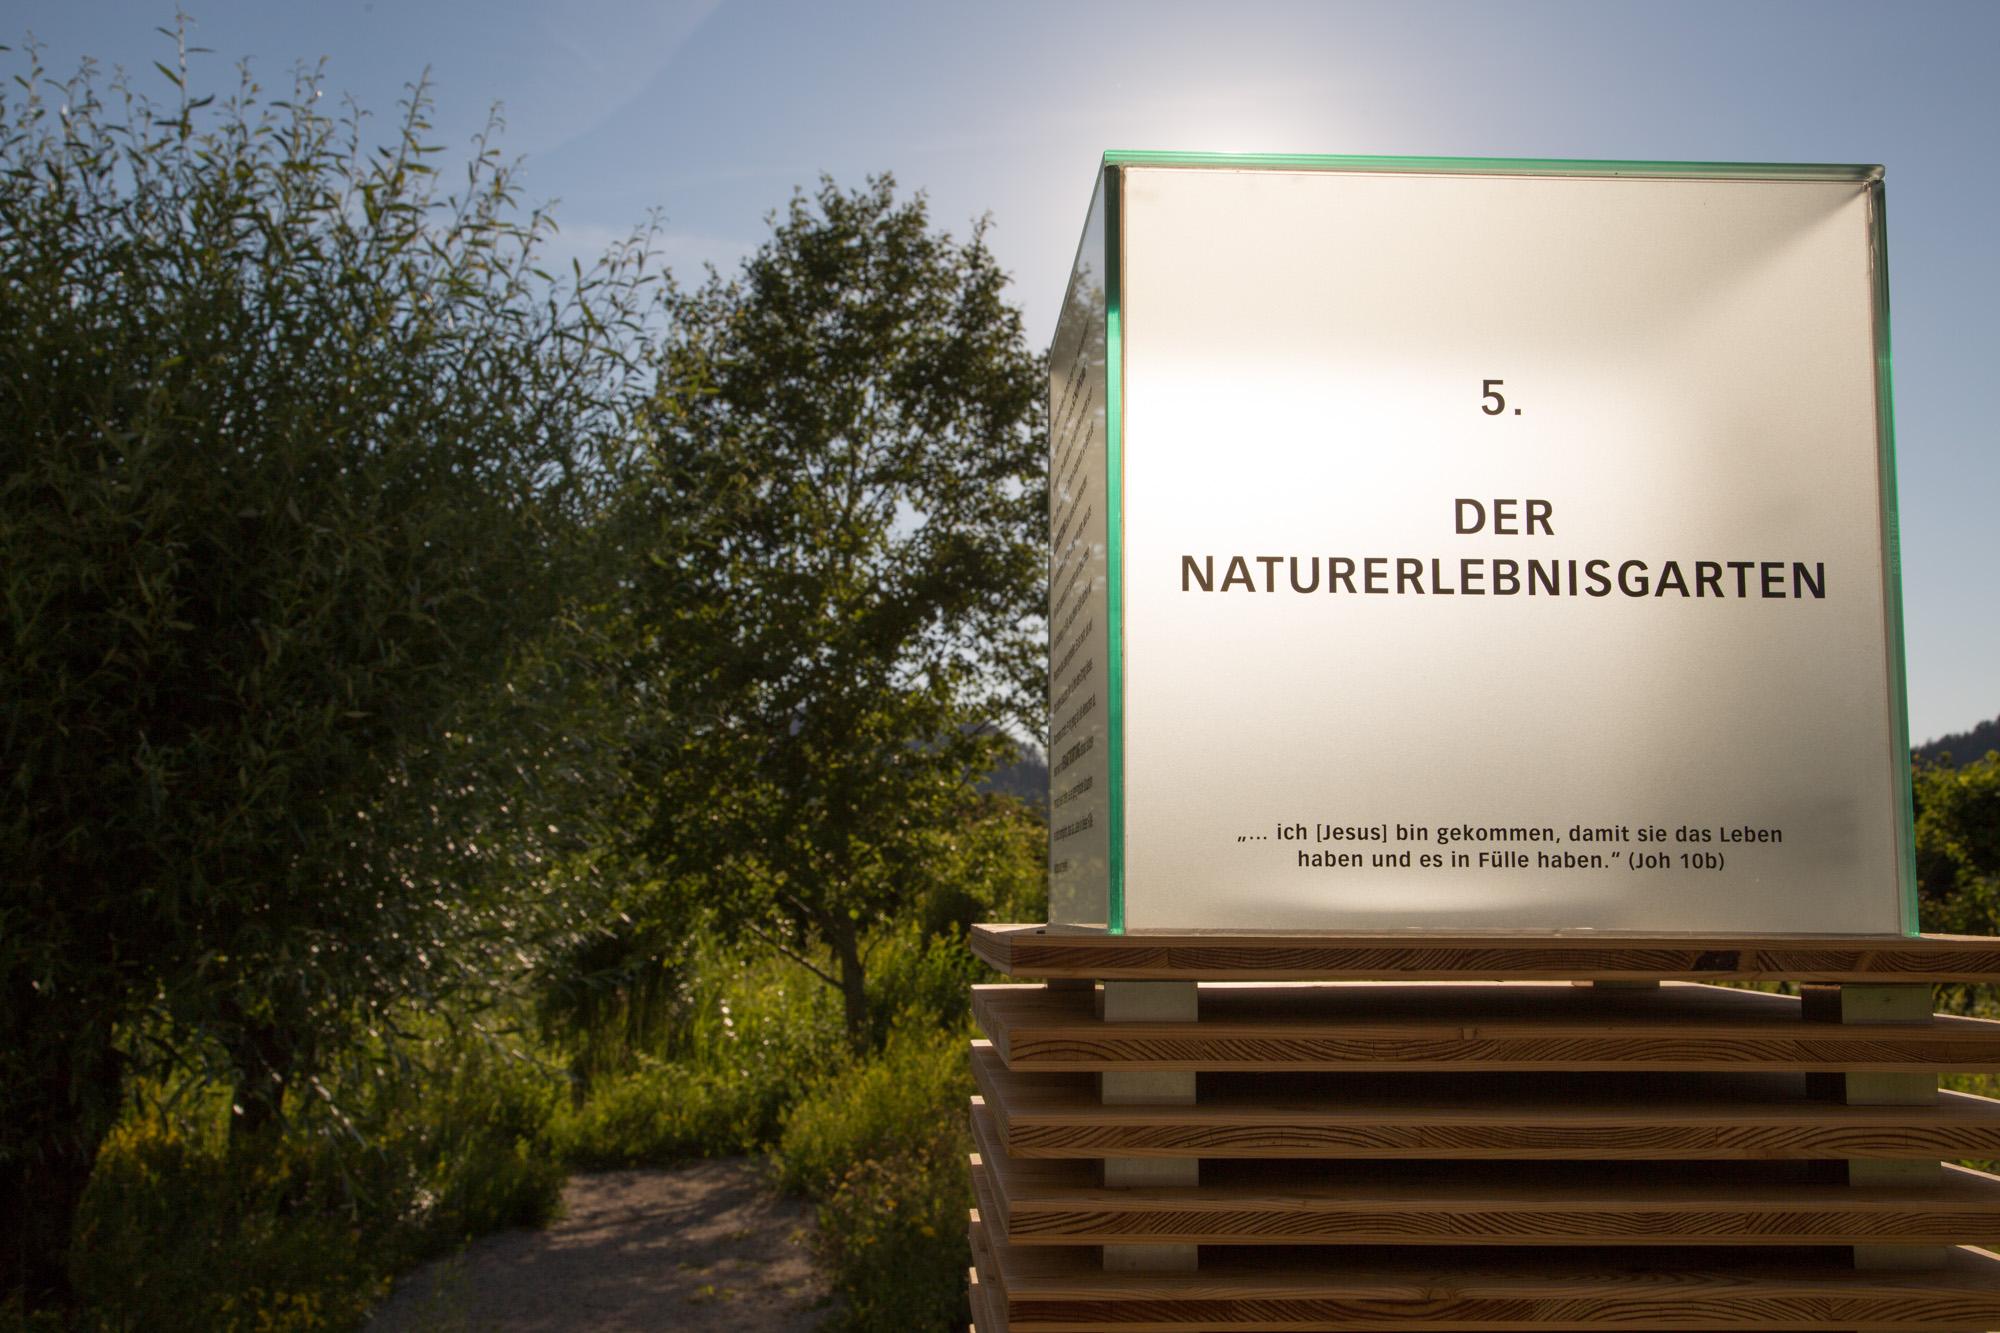 Eingang zum Naturerlebnisgarten Stift St. Georgen - Marktplatz Mittelkärnten